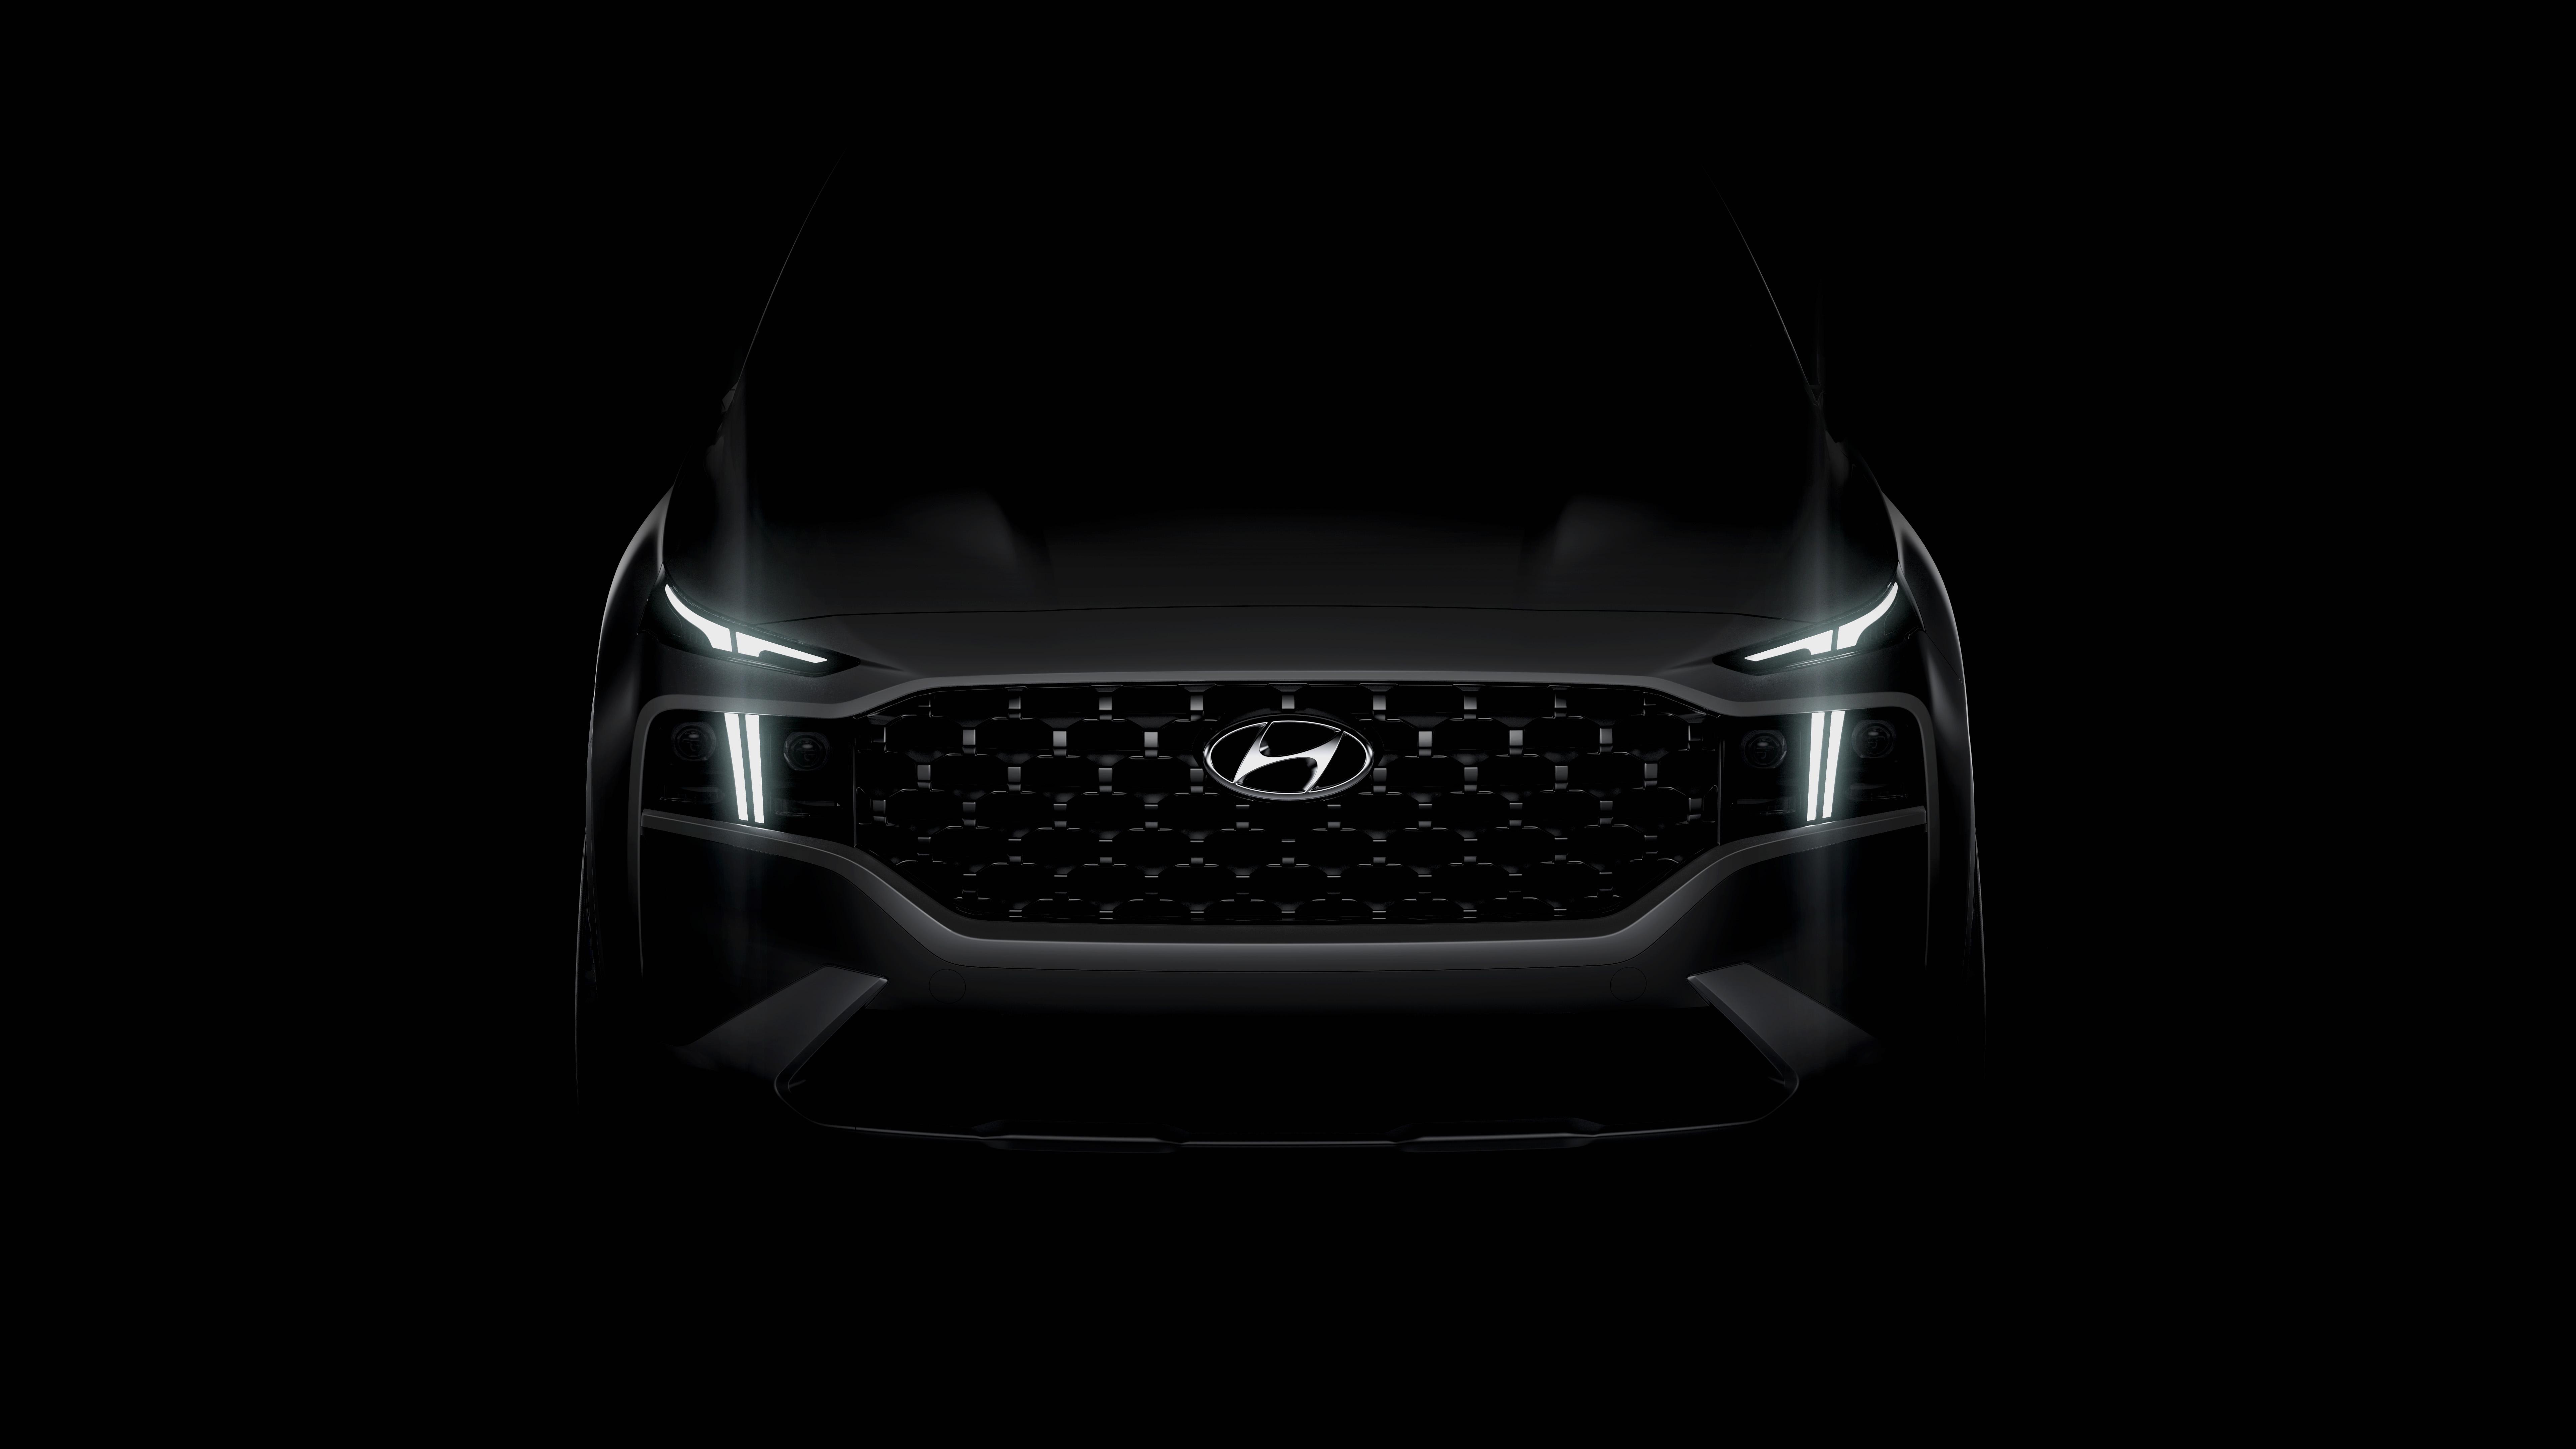 Prvý pohľad na nový Hyundai Santa Fe. Príde aj ako hybrid a plug-in hybrid.